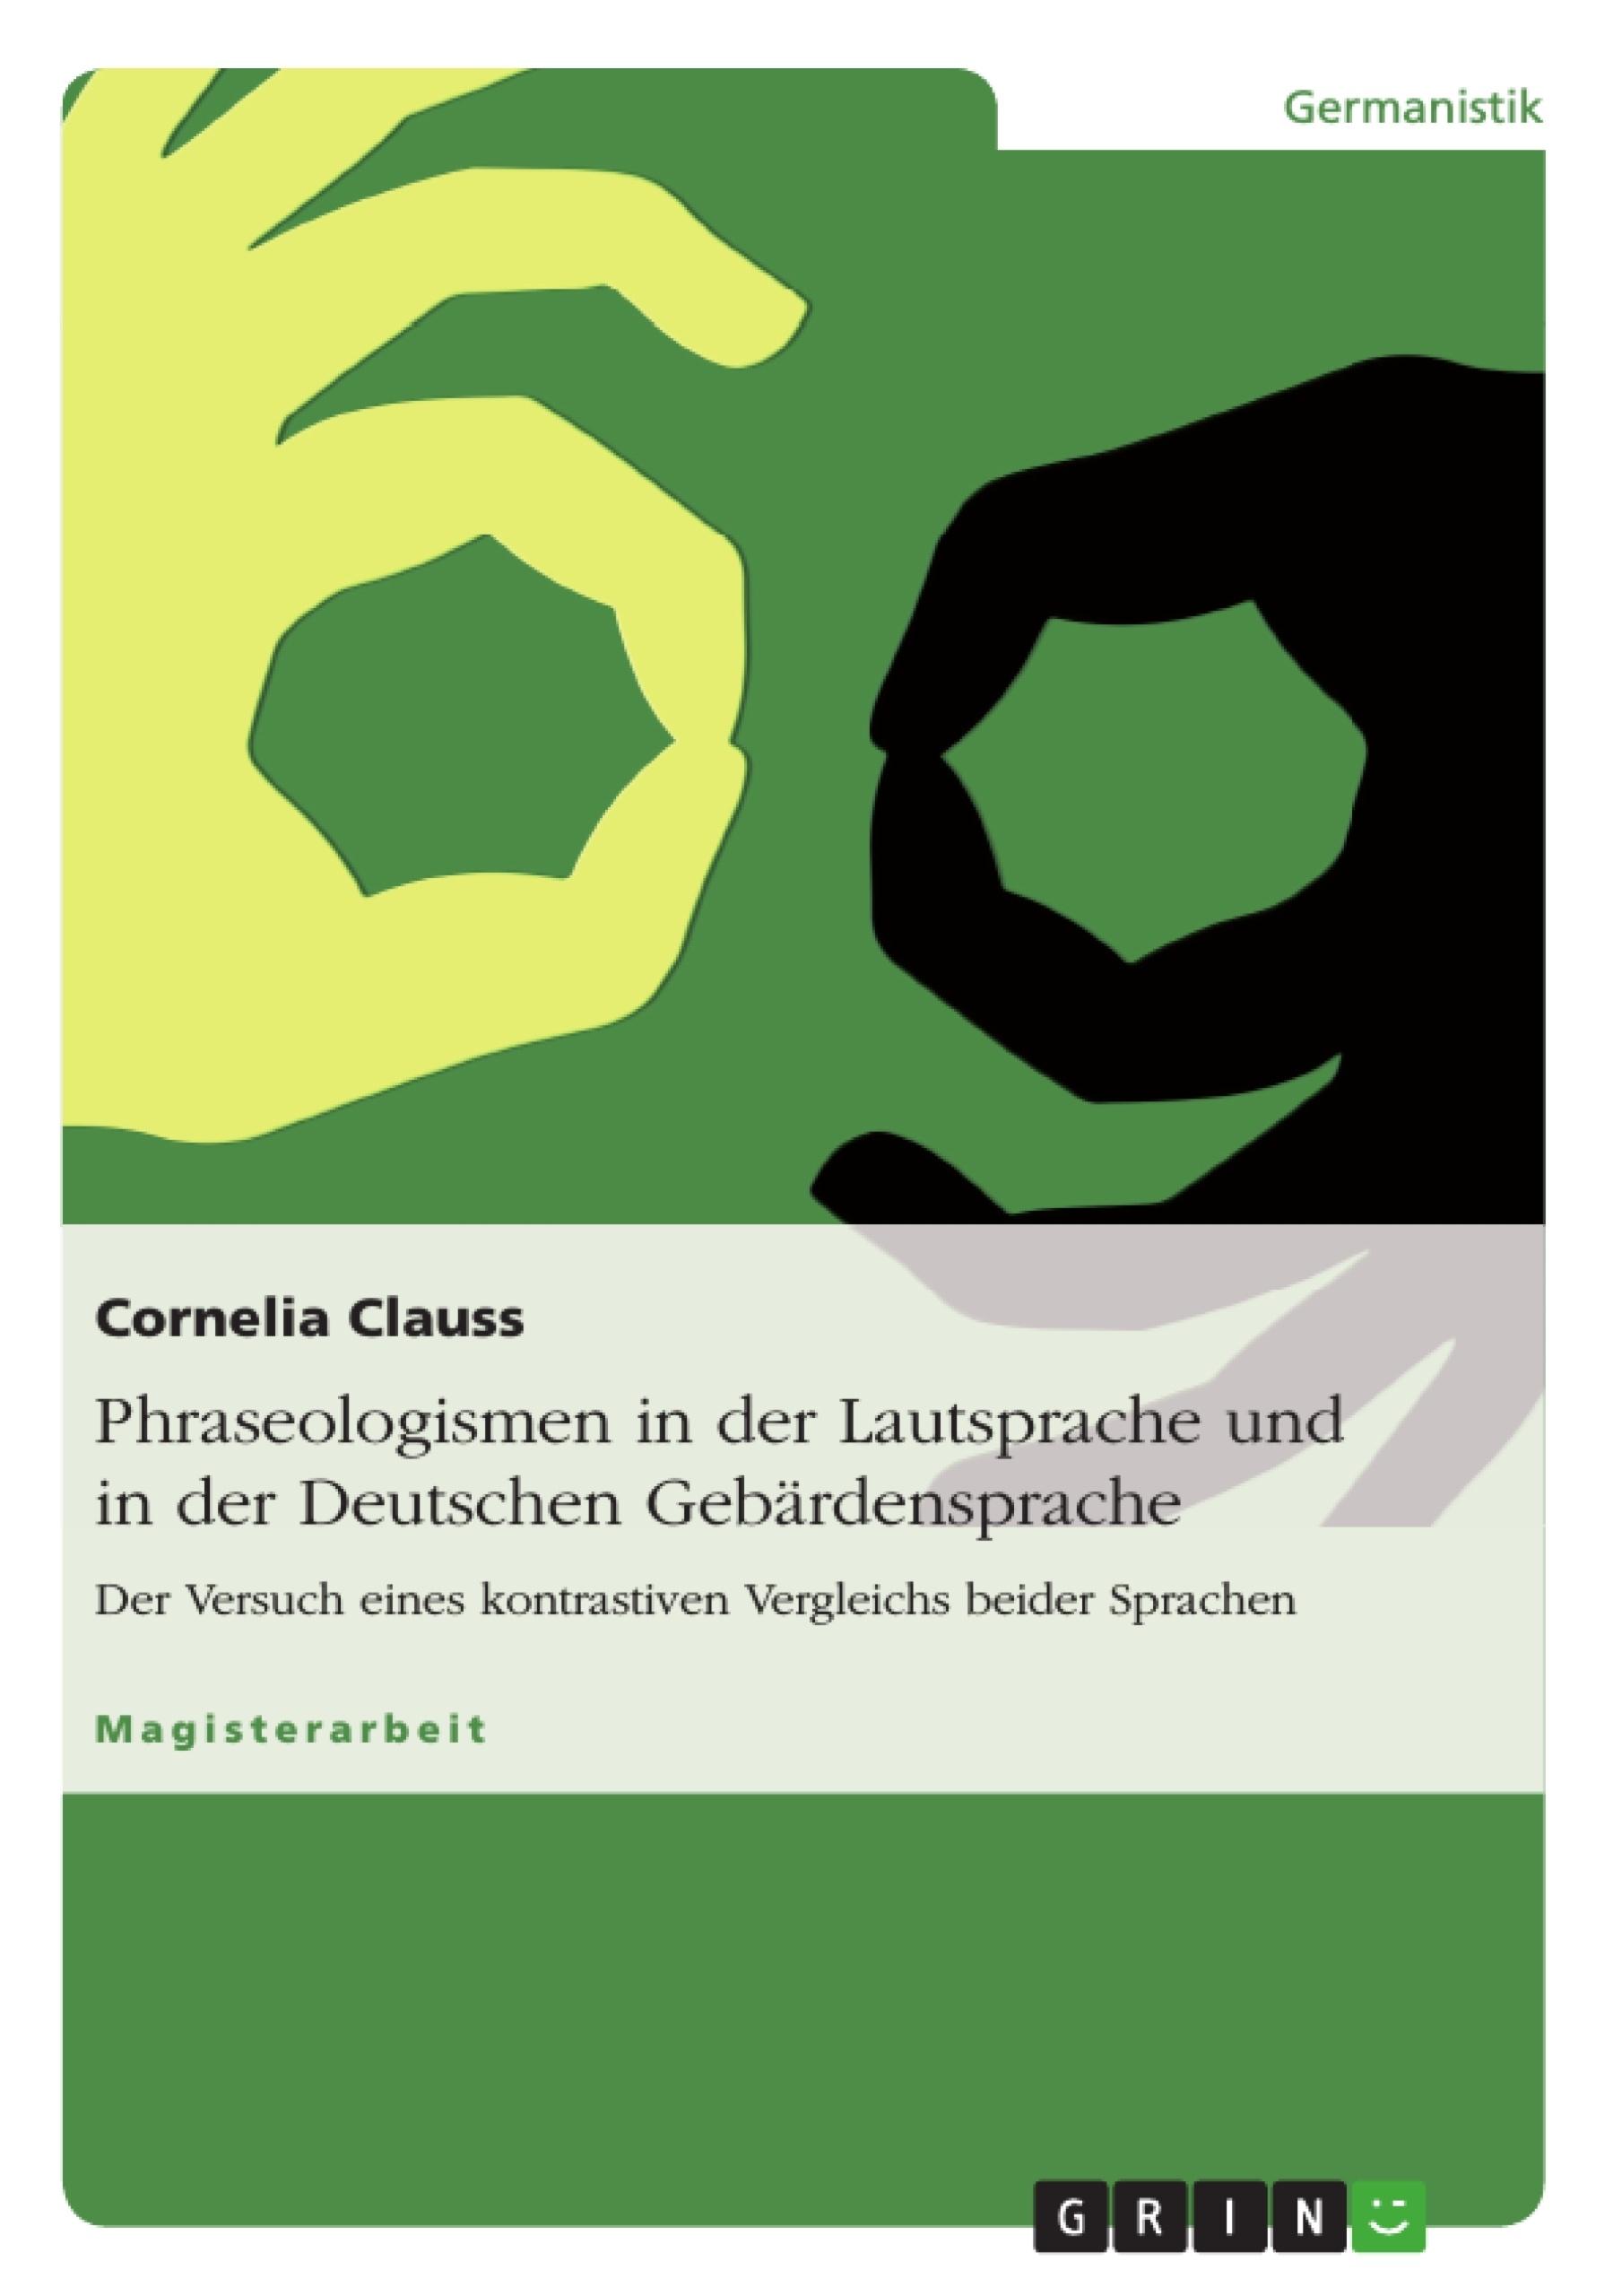 Titel: Phraseologismen in der Lautsprache und in der Deutschen Gebärdensprache